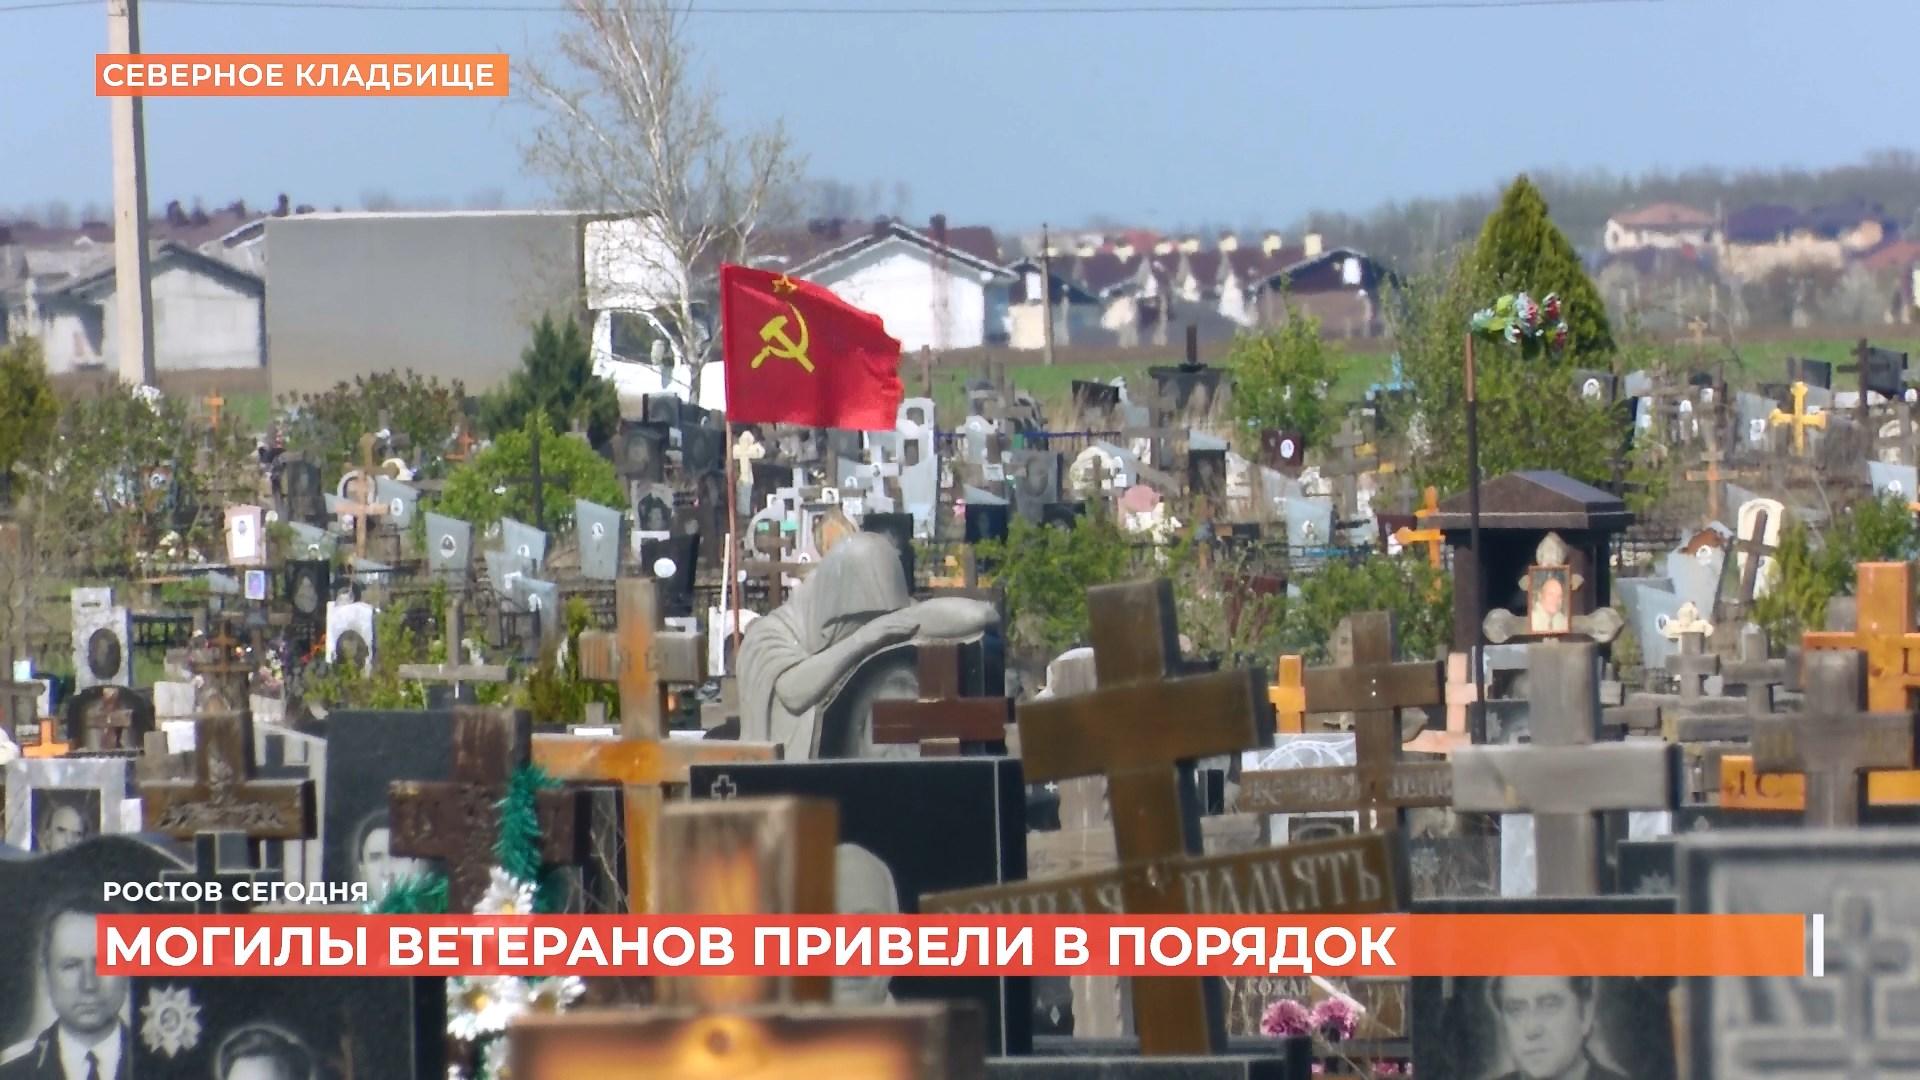 Ростов сегодня: вечерний выпуск. 3 мая 2021